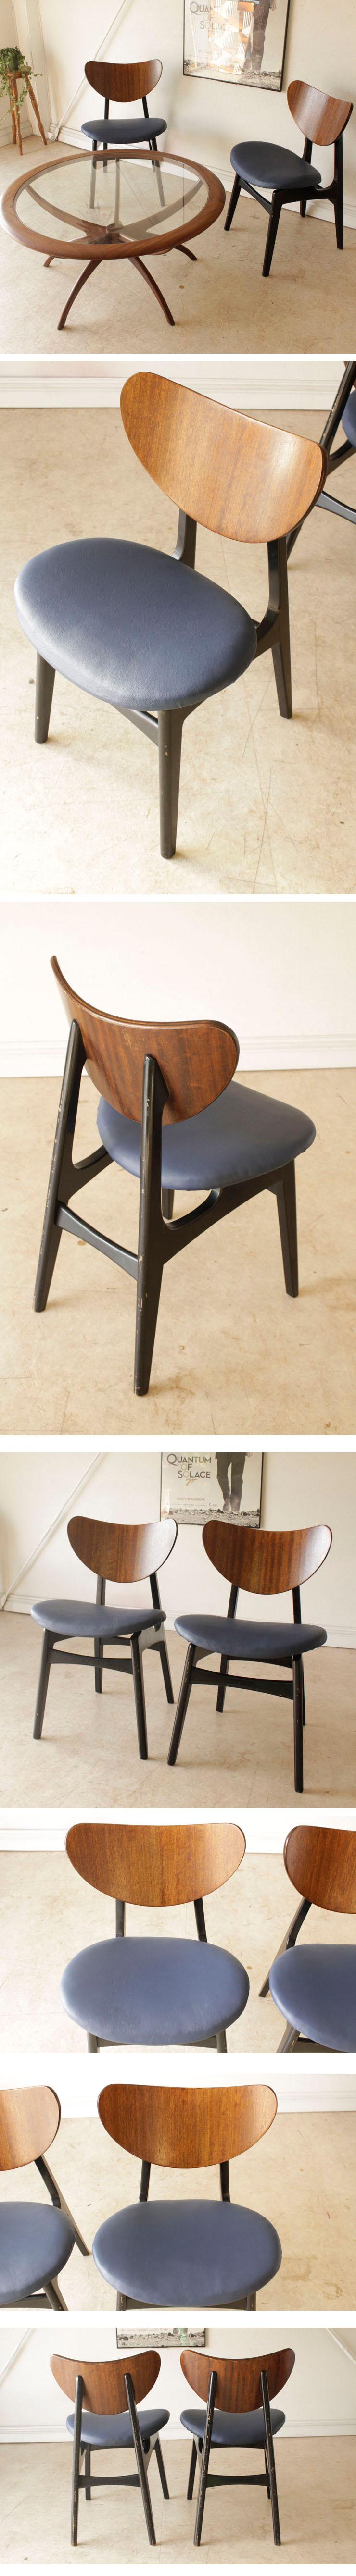 ジープラン・G-plan・チェア・椅子・バタフライ・ビンテージ・家具・アンティーク・ミッドセンチュリー・インテリア・リノベーション